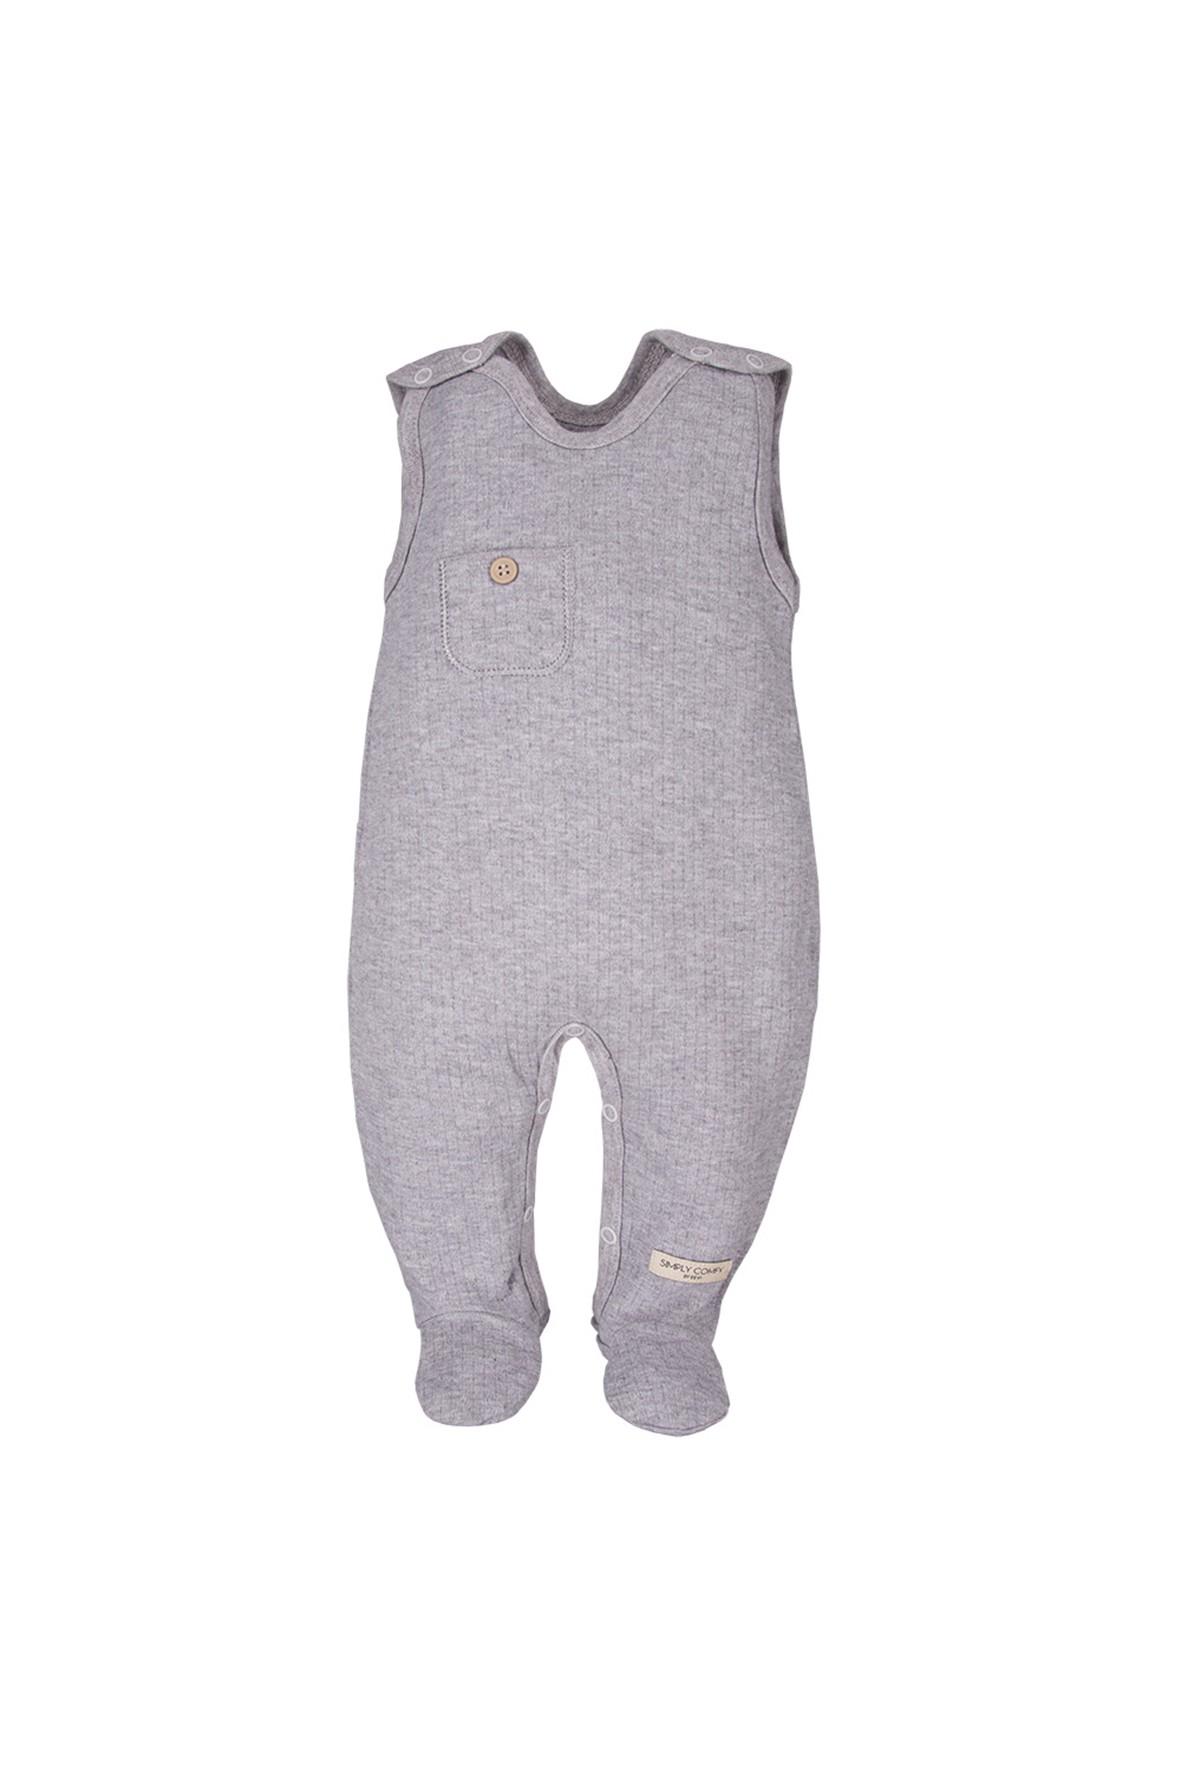 Bawełniane śpiochy niemowlęce z kieszonką - szare